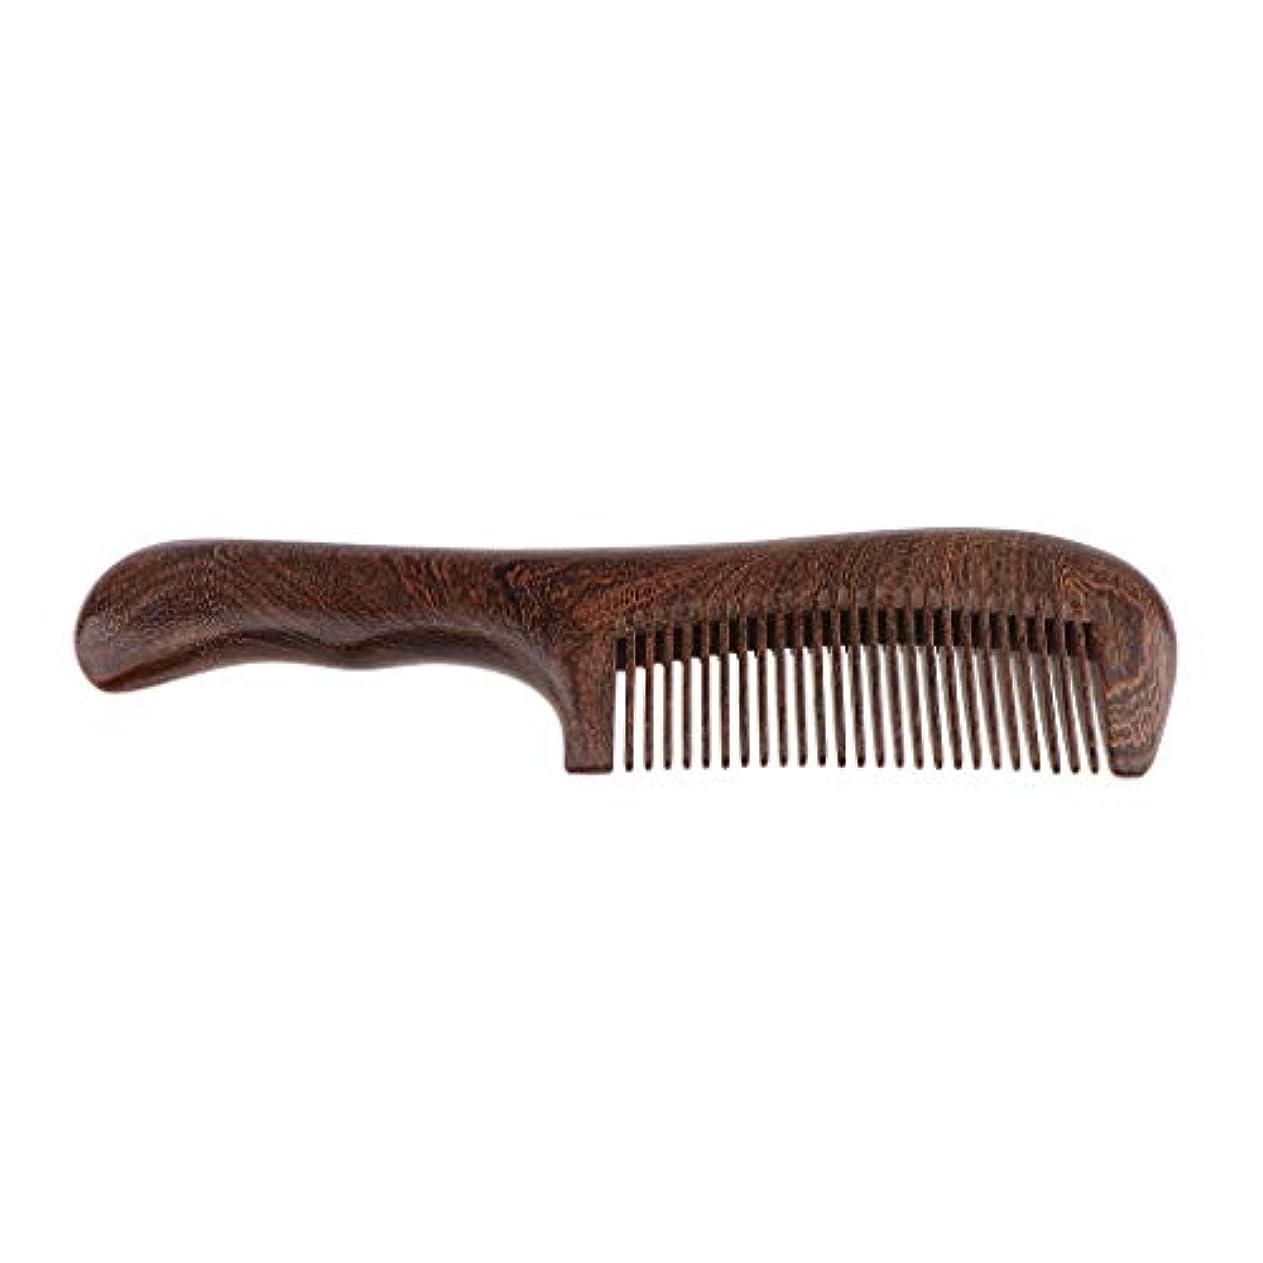 壊滅的な対人挑発する木製櫛 手作り ヘアブラシ ウッドコーム ハンドヘルド マッサージブラシ 2仕様選べ - 細かい歯